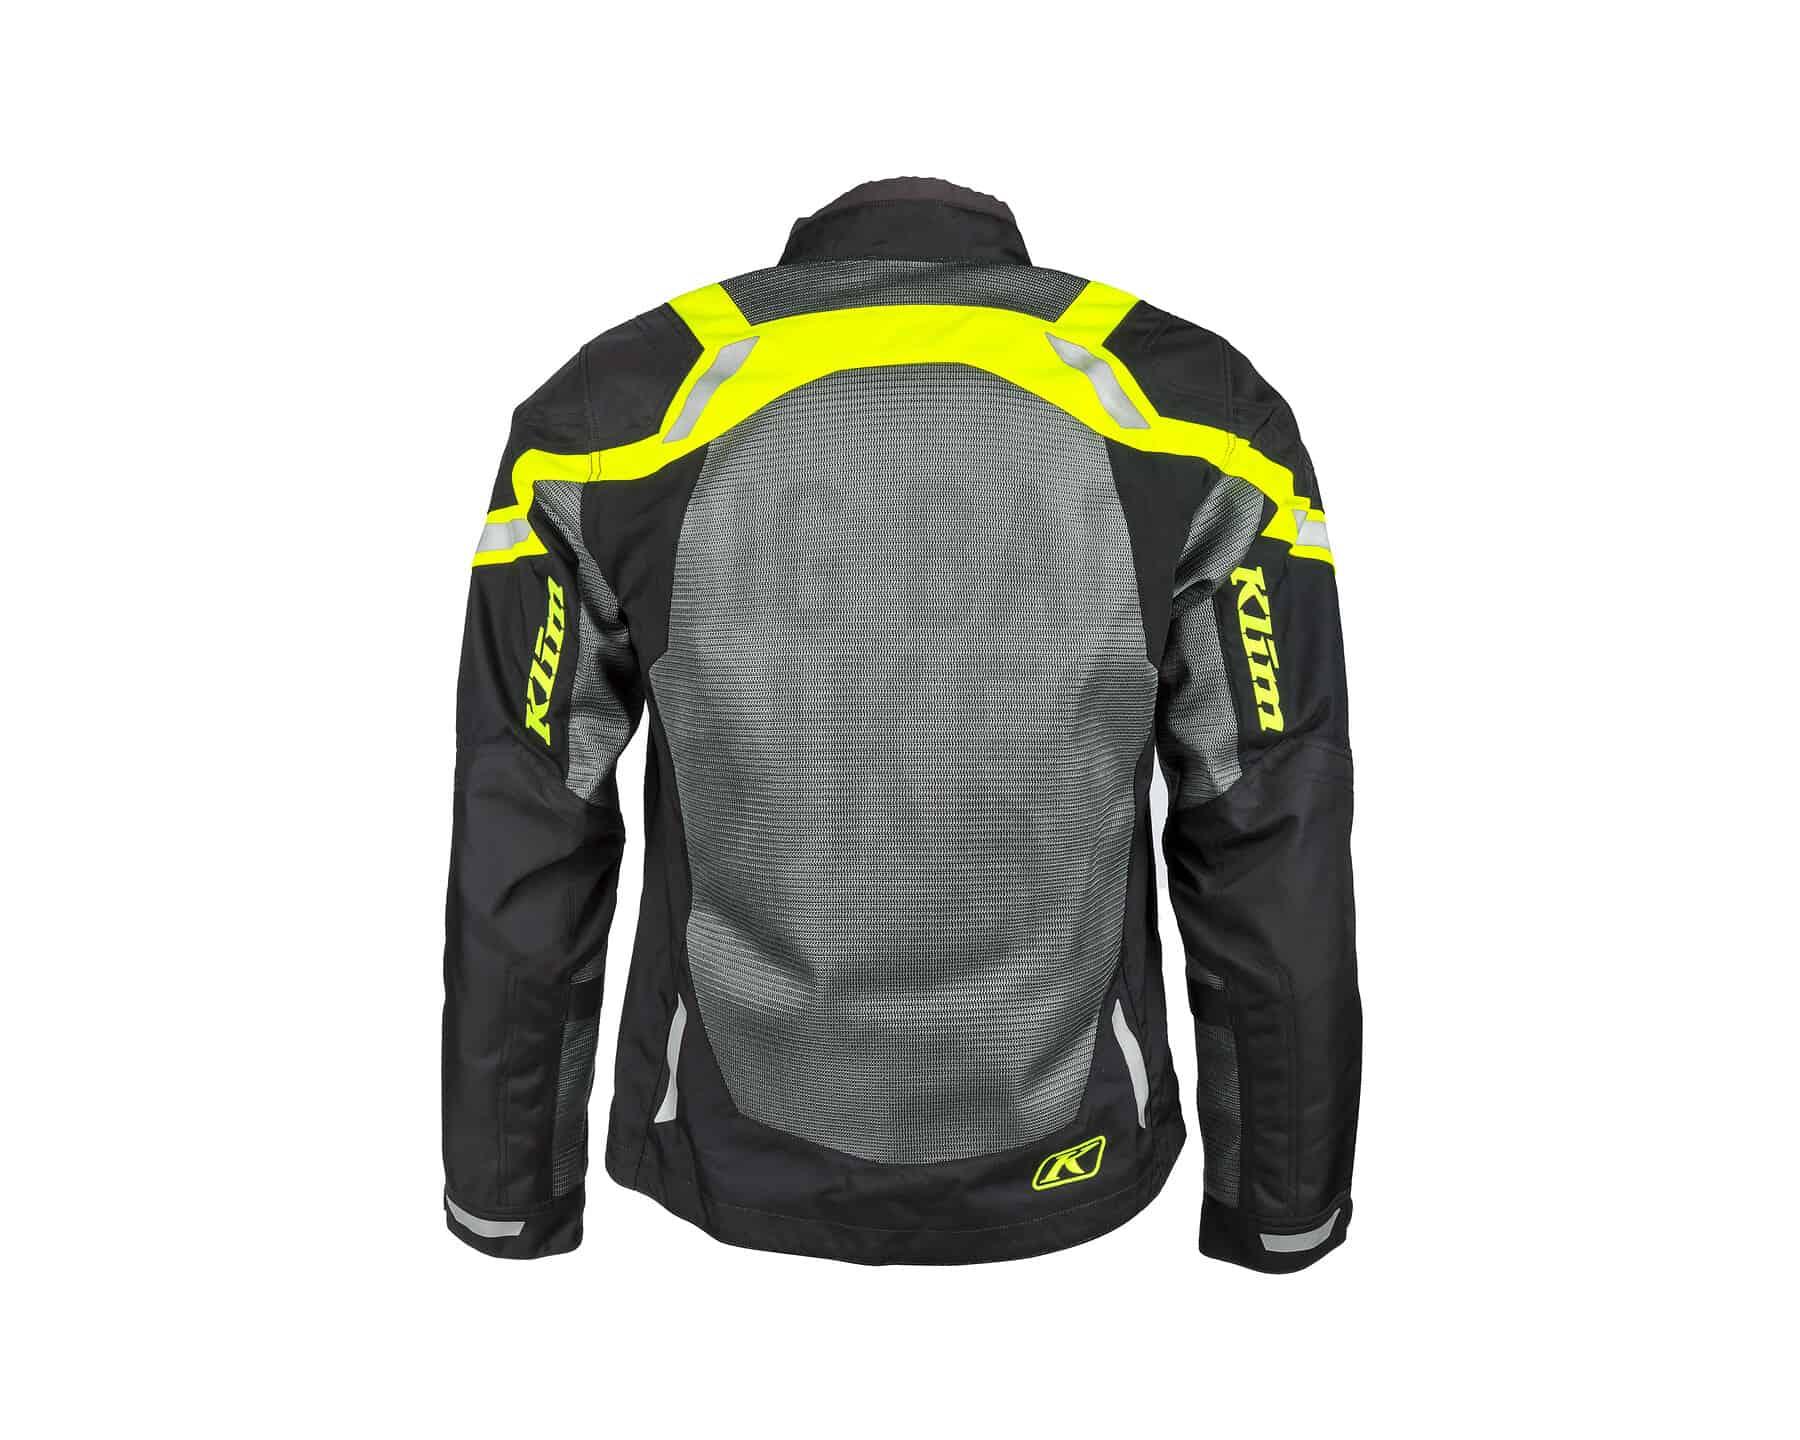 Induction Jacket_5060-002_High-Vis_04